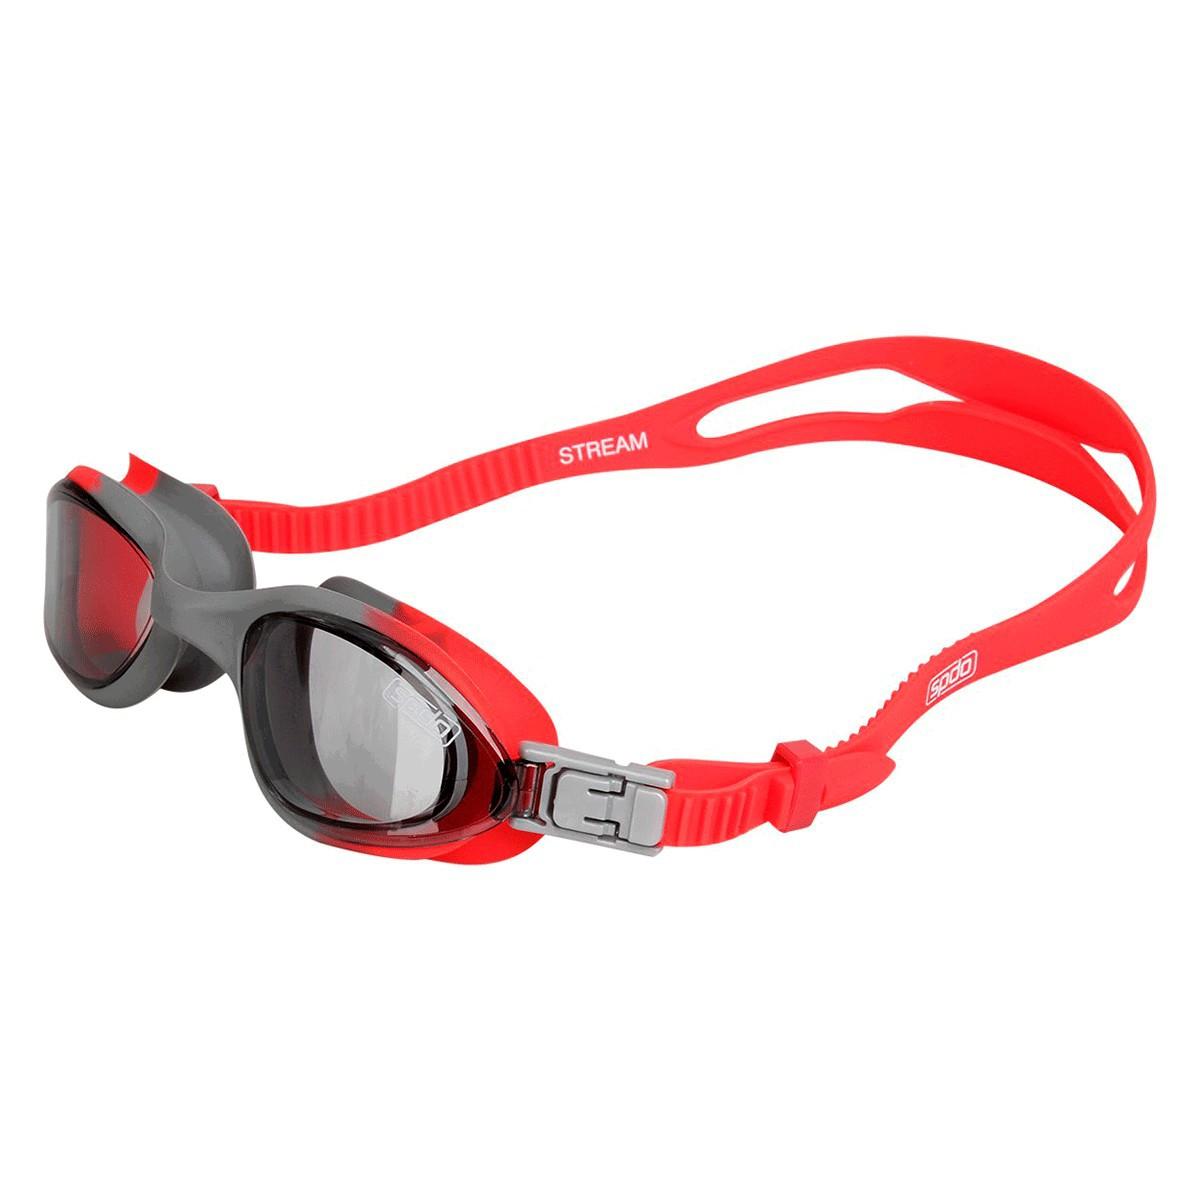 Óculos Mergulho Speedo Stream Vermelho Cinza